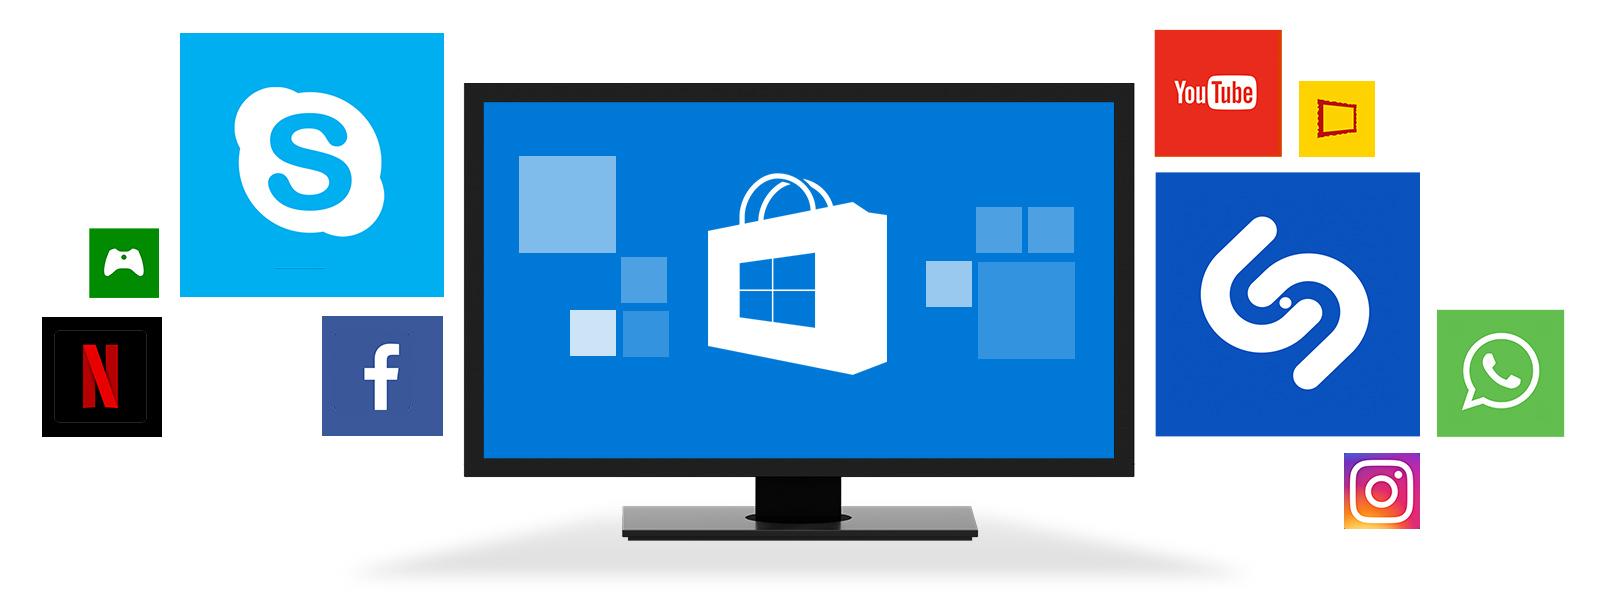 微软发布公告提示用户WP已死请尽快迁移至安卓和苹果设备